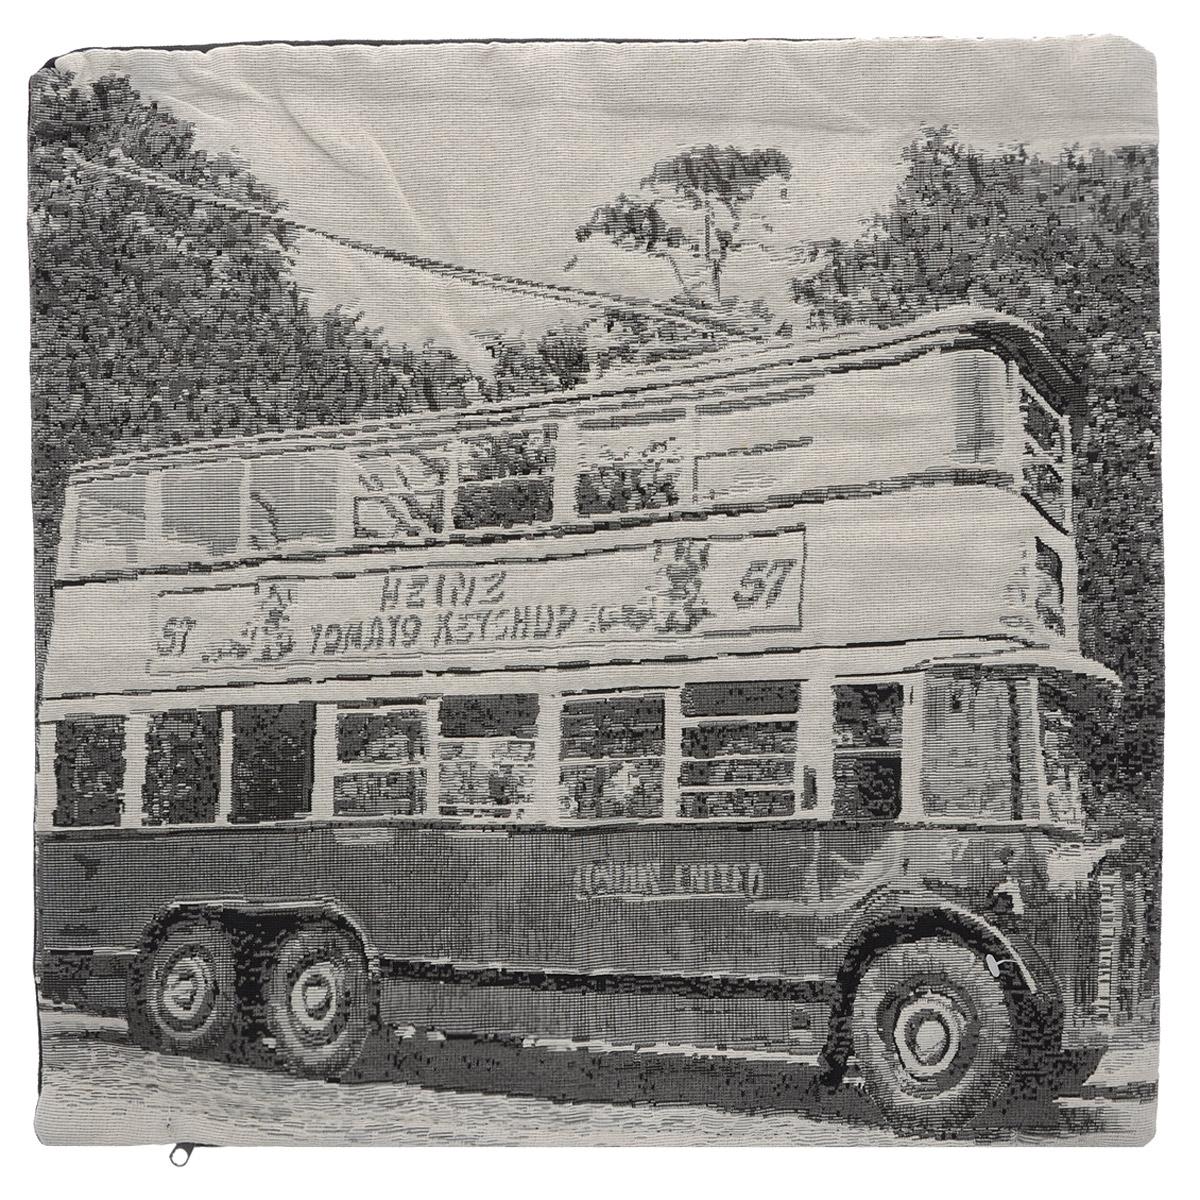 Наволочка декоративная Schaefer, цвет: бежевый, черный, 45 х 45 см 07370-502BW-4753Изысканная наволочка Schaefer выполнена из полиэстера (65%) и хлопка (35%). Лицевая сторона наволочки декорирована вышитым изображением лондонского автобуса. Наволочка застегивается на застежку-молнию.Изделия из искусственных волокон легко стирать: они не мнутся, не садятся и быстро сохнут, они более долговечны, чем изделия из натуральных волокон. Это изделие немецких дизайнеров не останется без внимания ваших гостей, а вас будет ежедневно радовать своим позитивом.